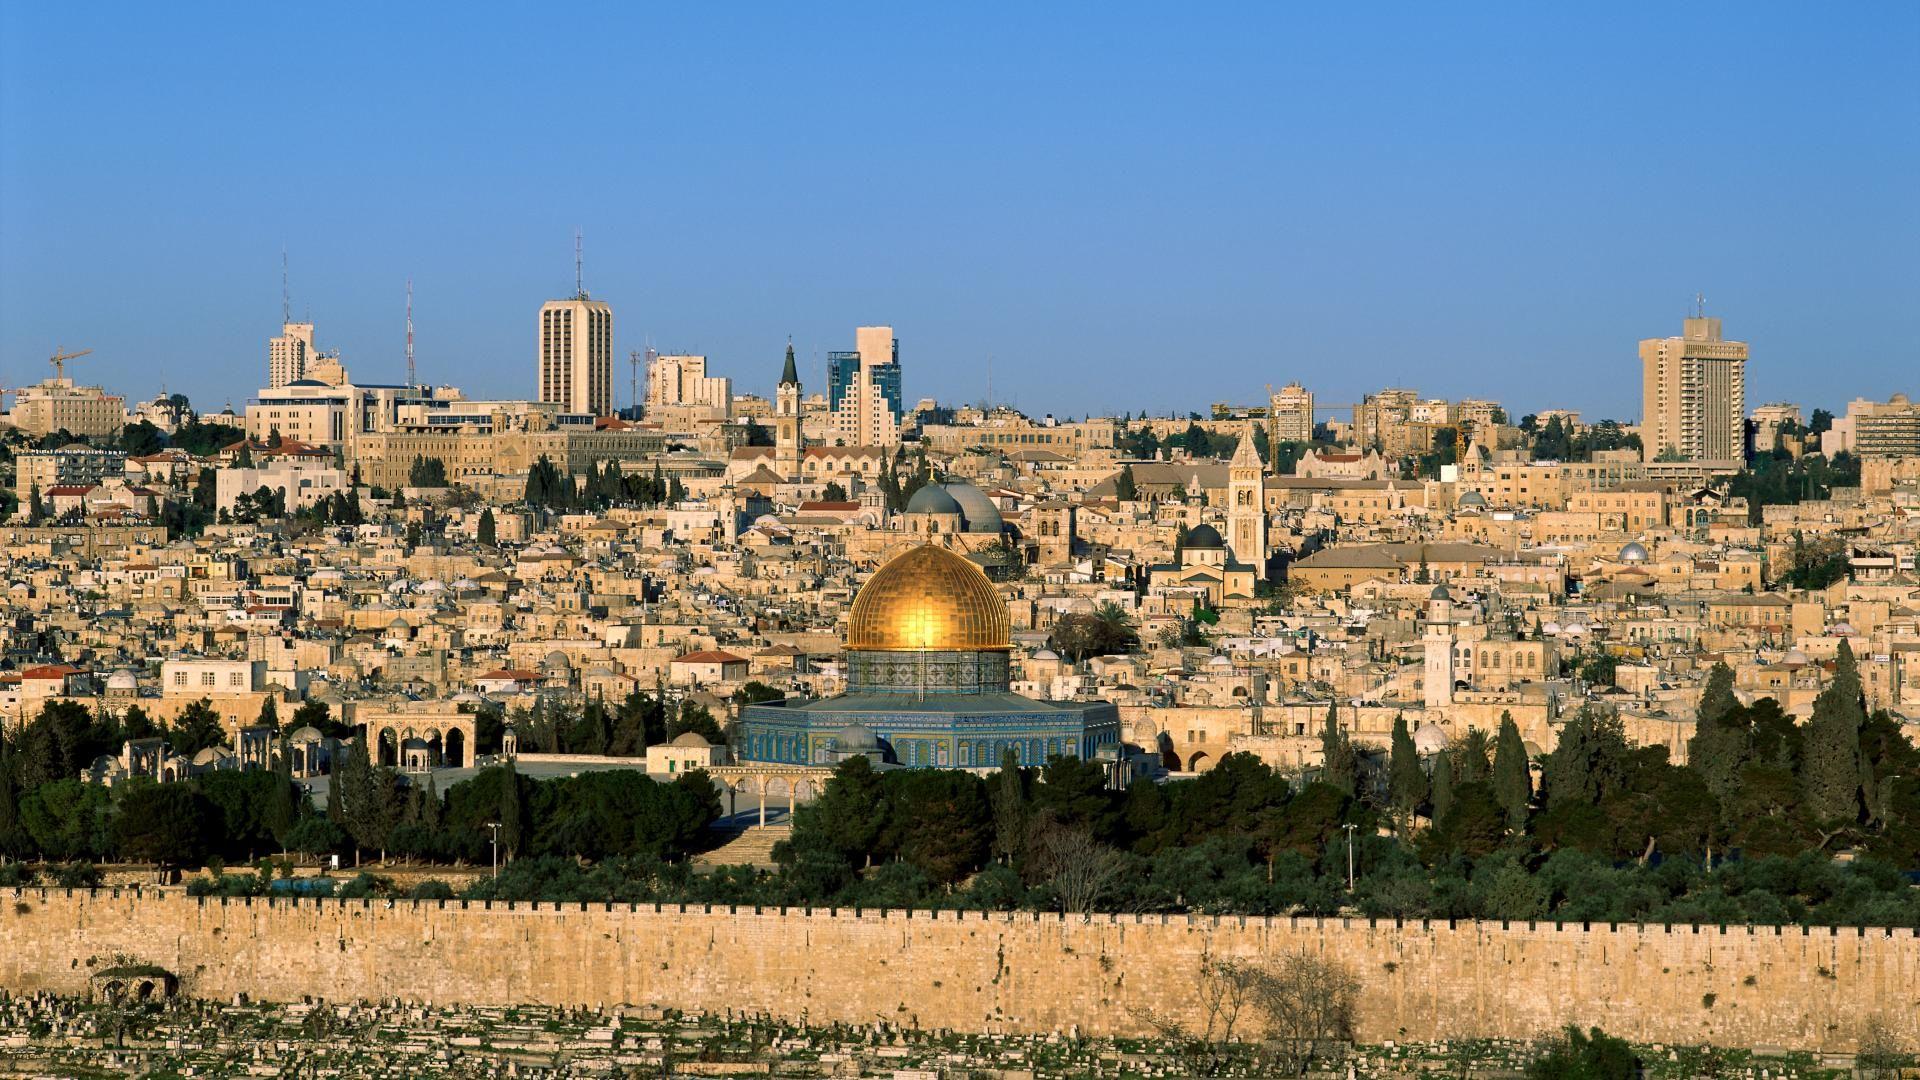 Jerusalem Wallpaper HD 1920x1080